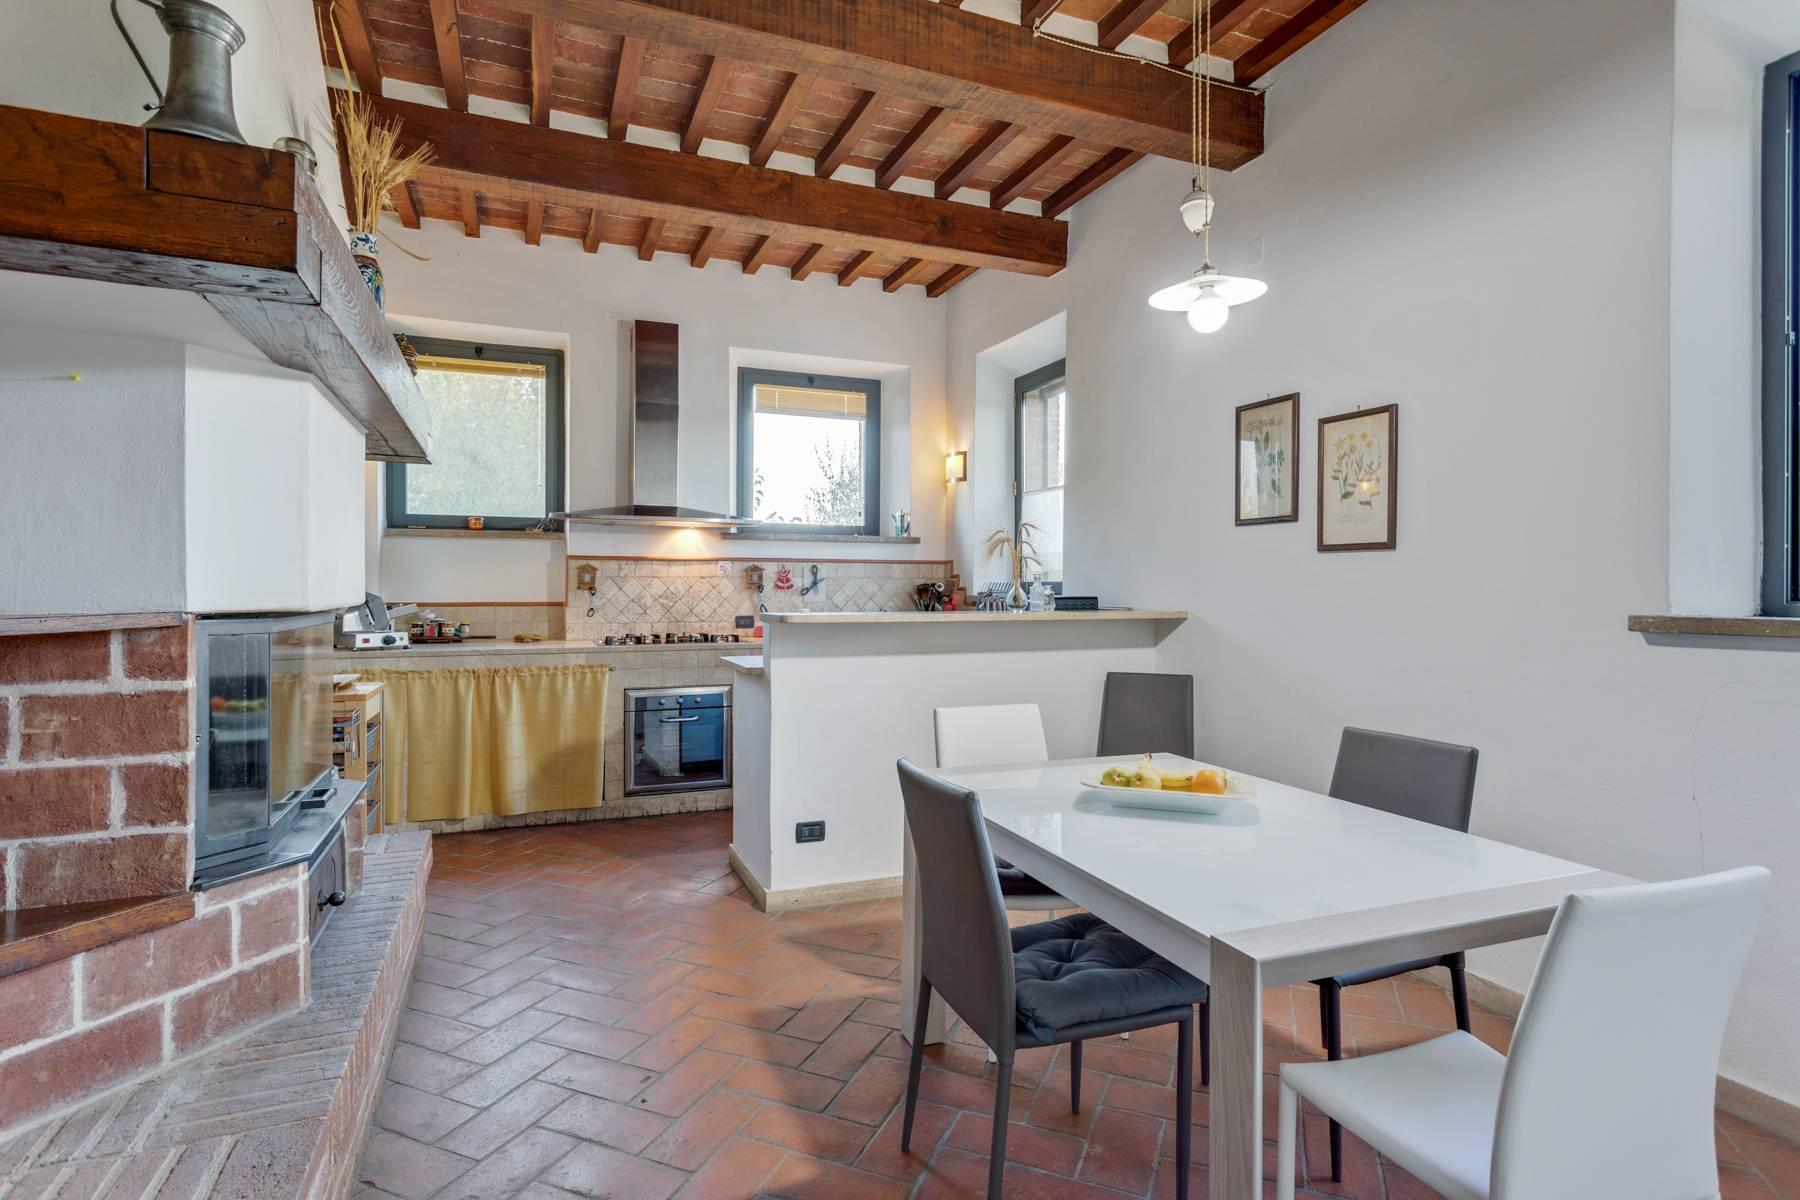 Casale con agriturismo e vigneto a pochi passi da Montepulciano - 15